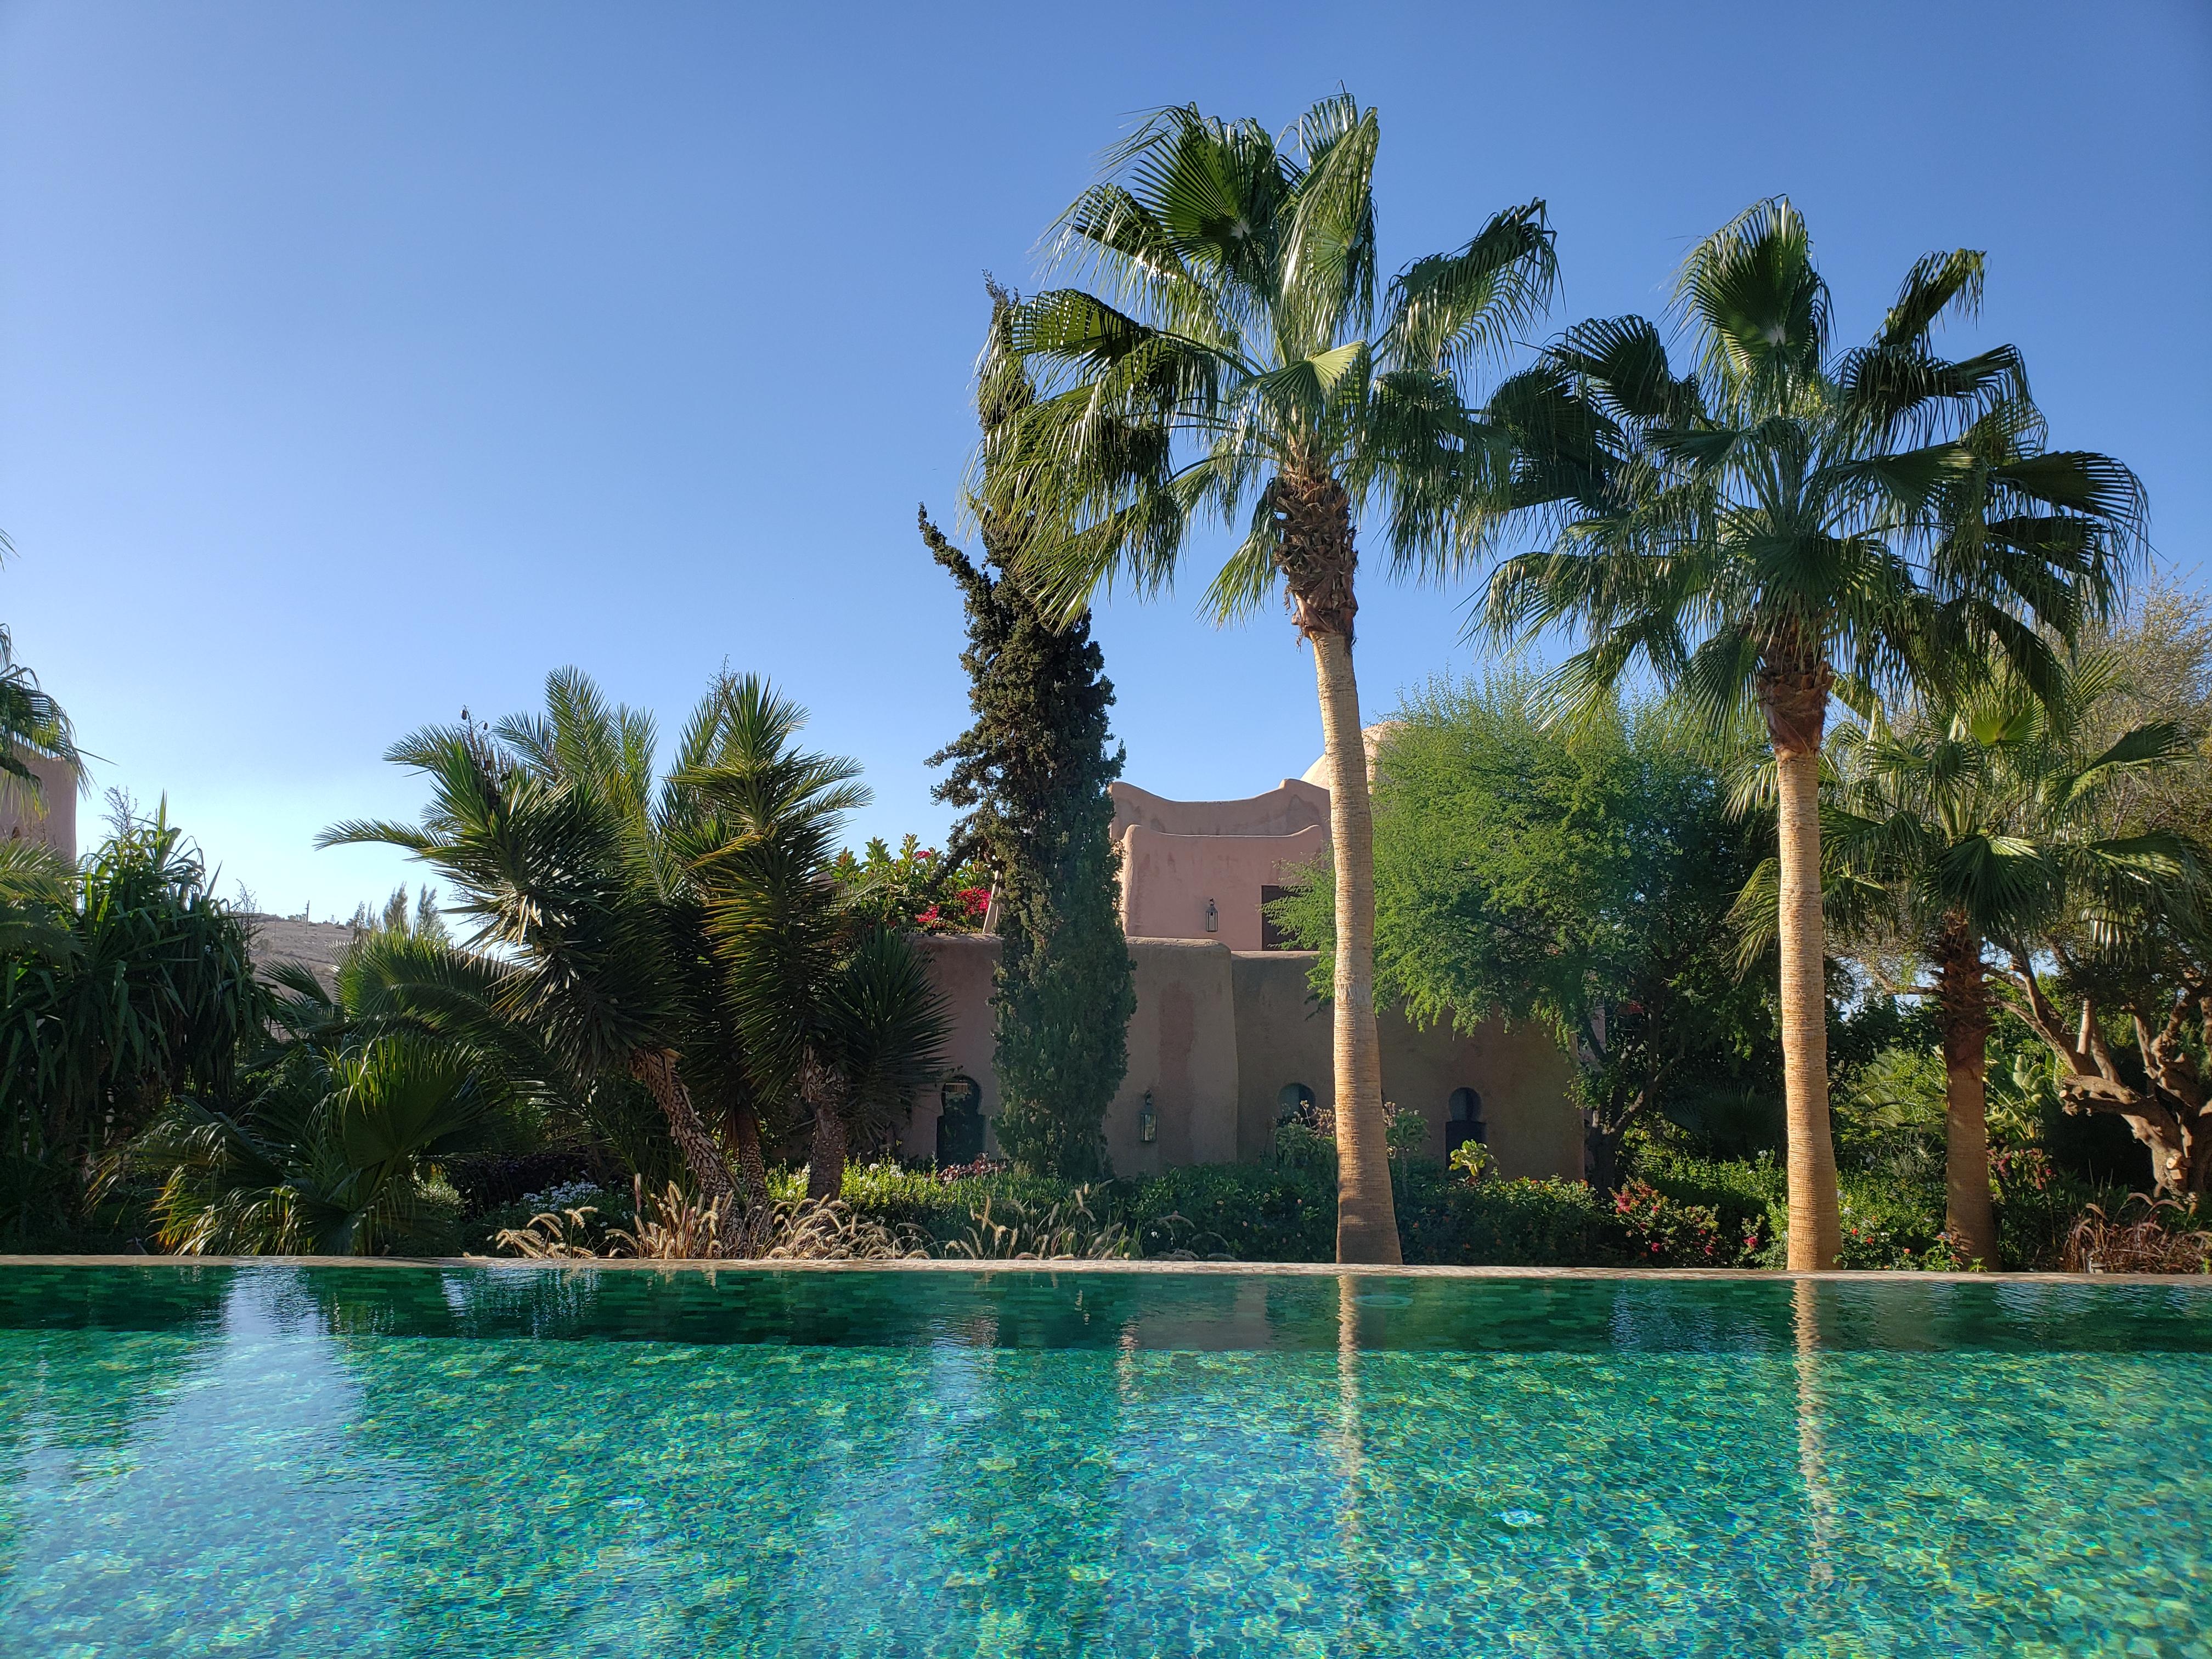 Le Jardin des Douars : meilleur hôtel à Essaouira